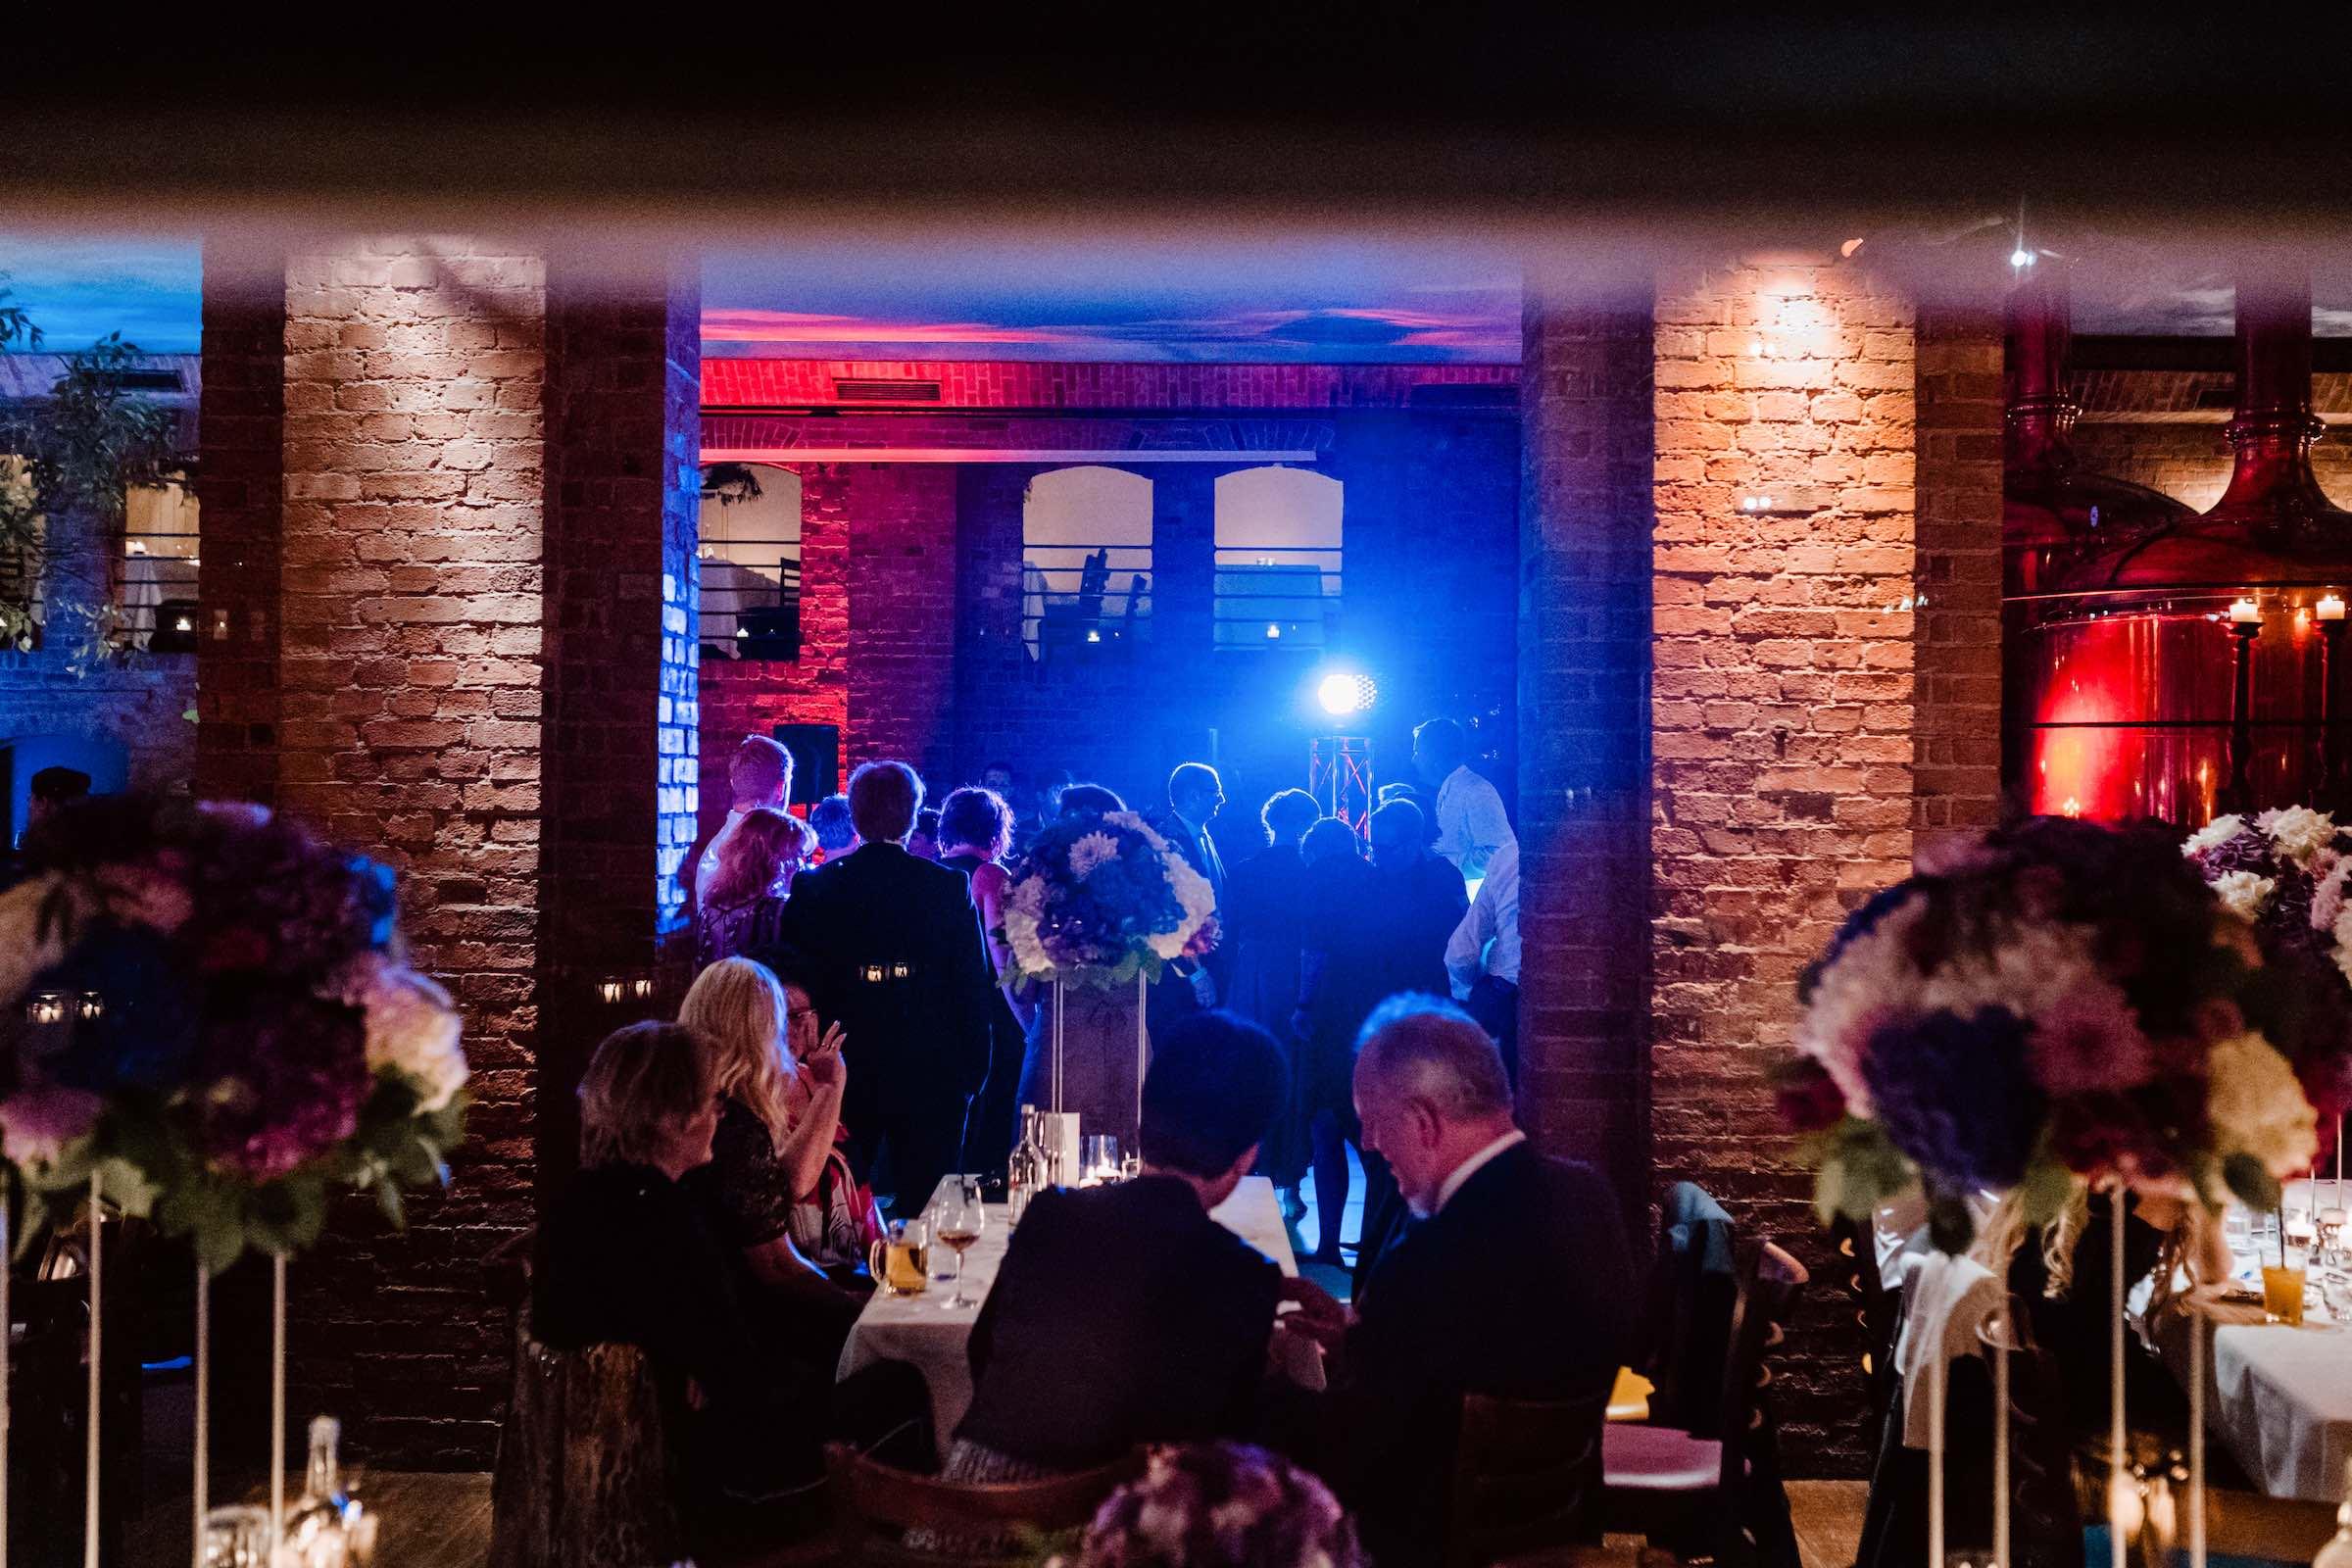 Hamburg | Hochzeit | Geburtstag | Firmenfeier | Feiern | Locations | DJ | Eventaustattung | Hochzeitsplanung | Referenz | Hamburgfeiert